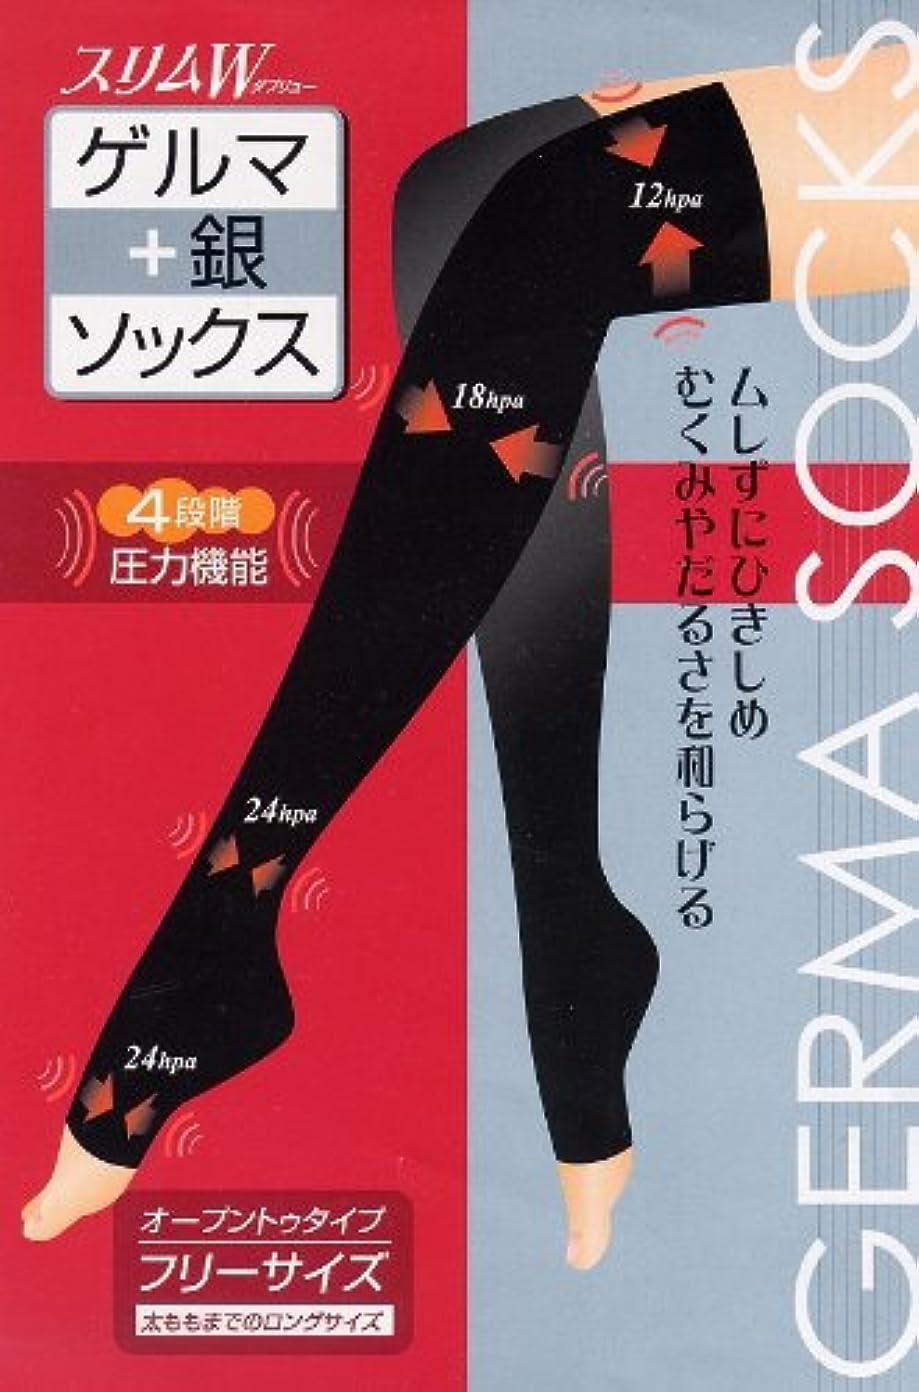 ビルマスキャン彫刻スラットスリムダブリュー ゲルマ+銀ソックス (フリーサイズロングソックス)美脚を目指す貴方に!日本製